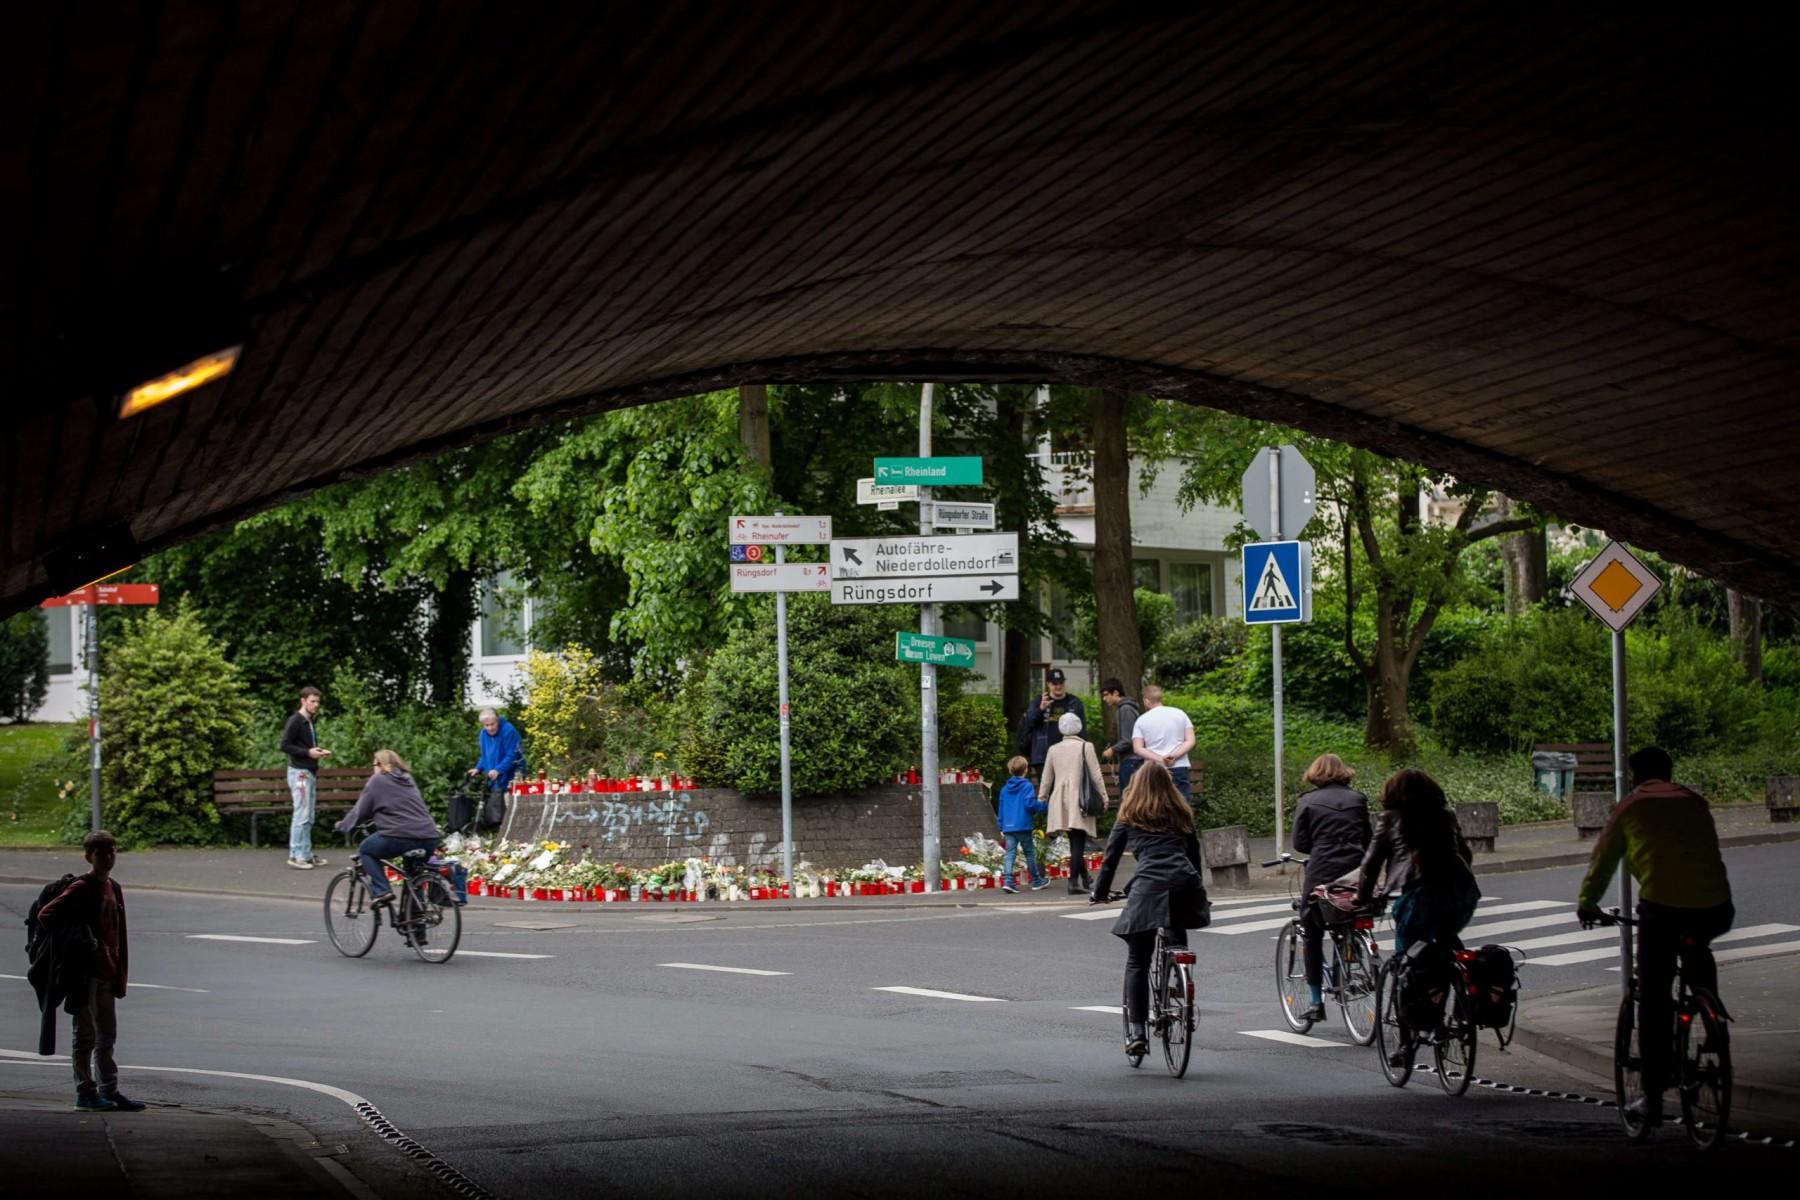 """Blumen und Kerzen stehen am 20.05.2016 in Bonn (Nordrhein-Westfalen) an der Stelle, an der der später verstorbene Niklas P. am 07.05.2016 von Schlägern attackiert wurde. Foto: Maja Hitij/dpa  (zu dpa """"Das Ex-Diplomatenviertel und Niklas'Tod:Risse in der Schneekugel"""" vom 20.05.2016) +++(c) dpa - Bildfunk+++"""